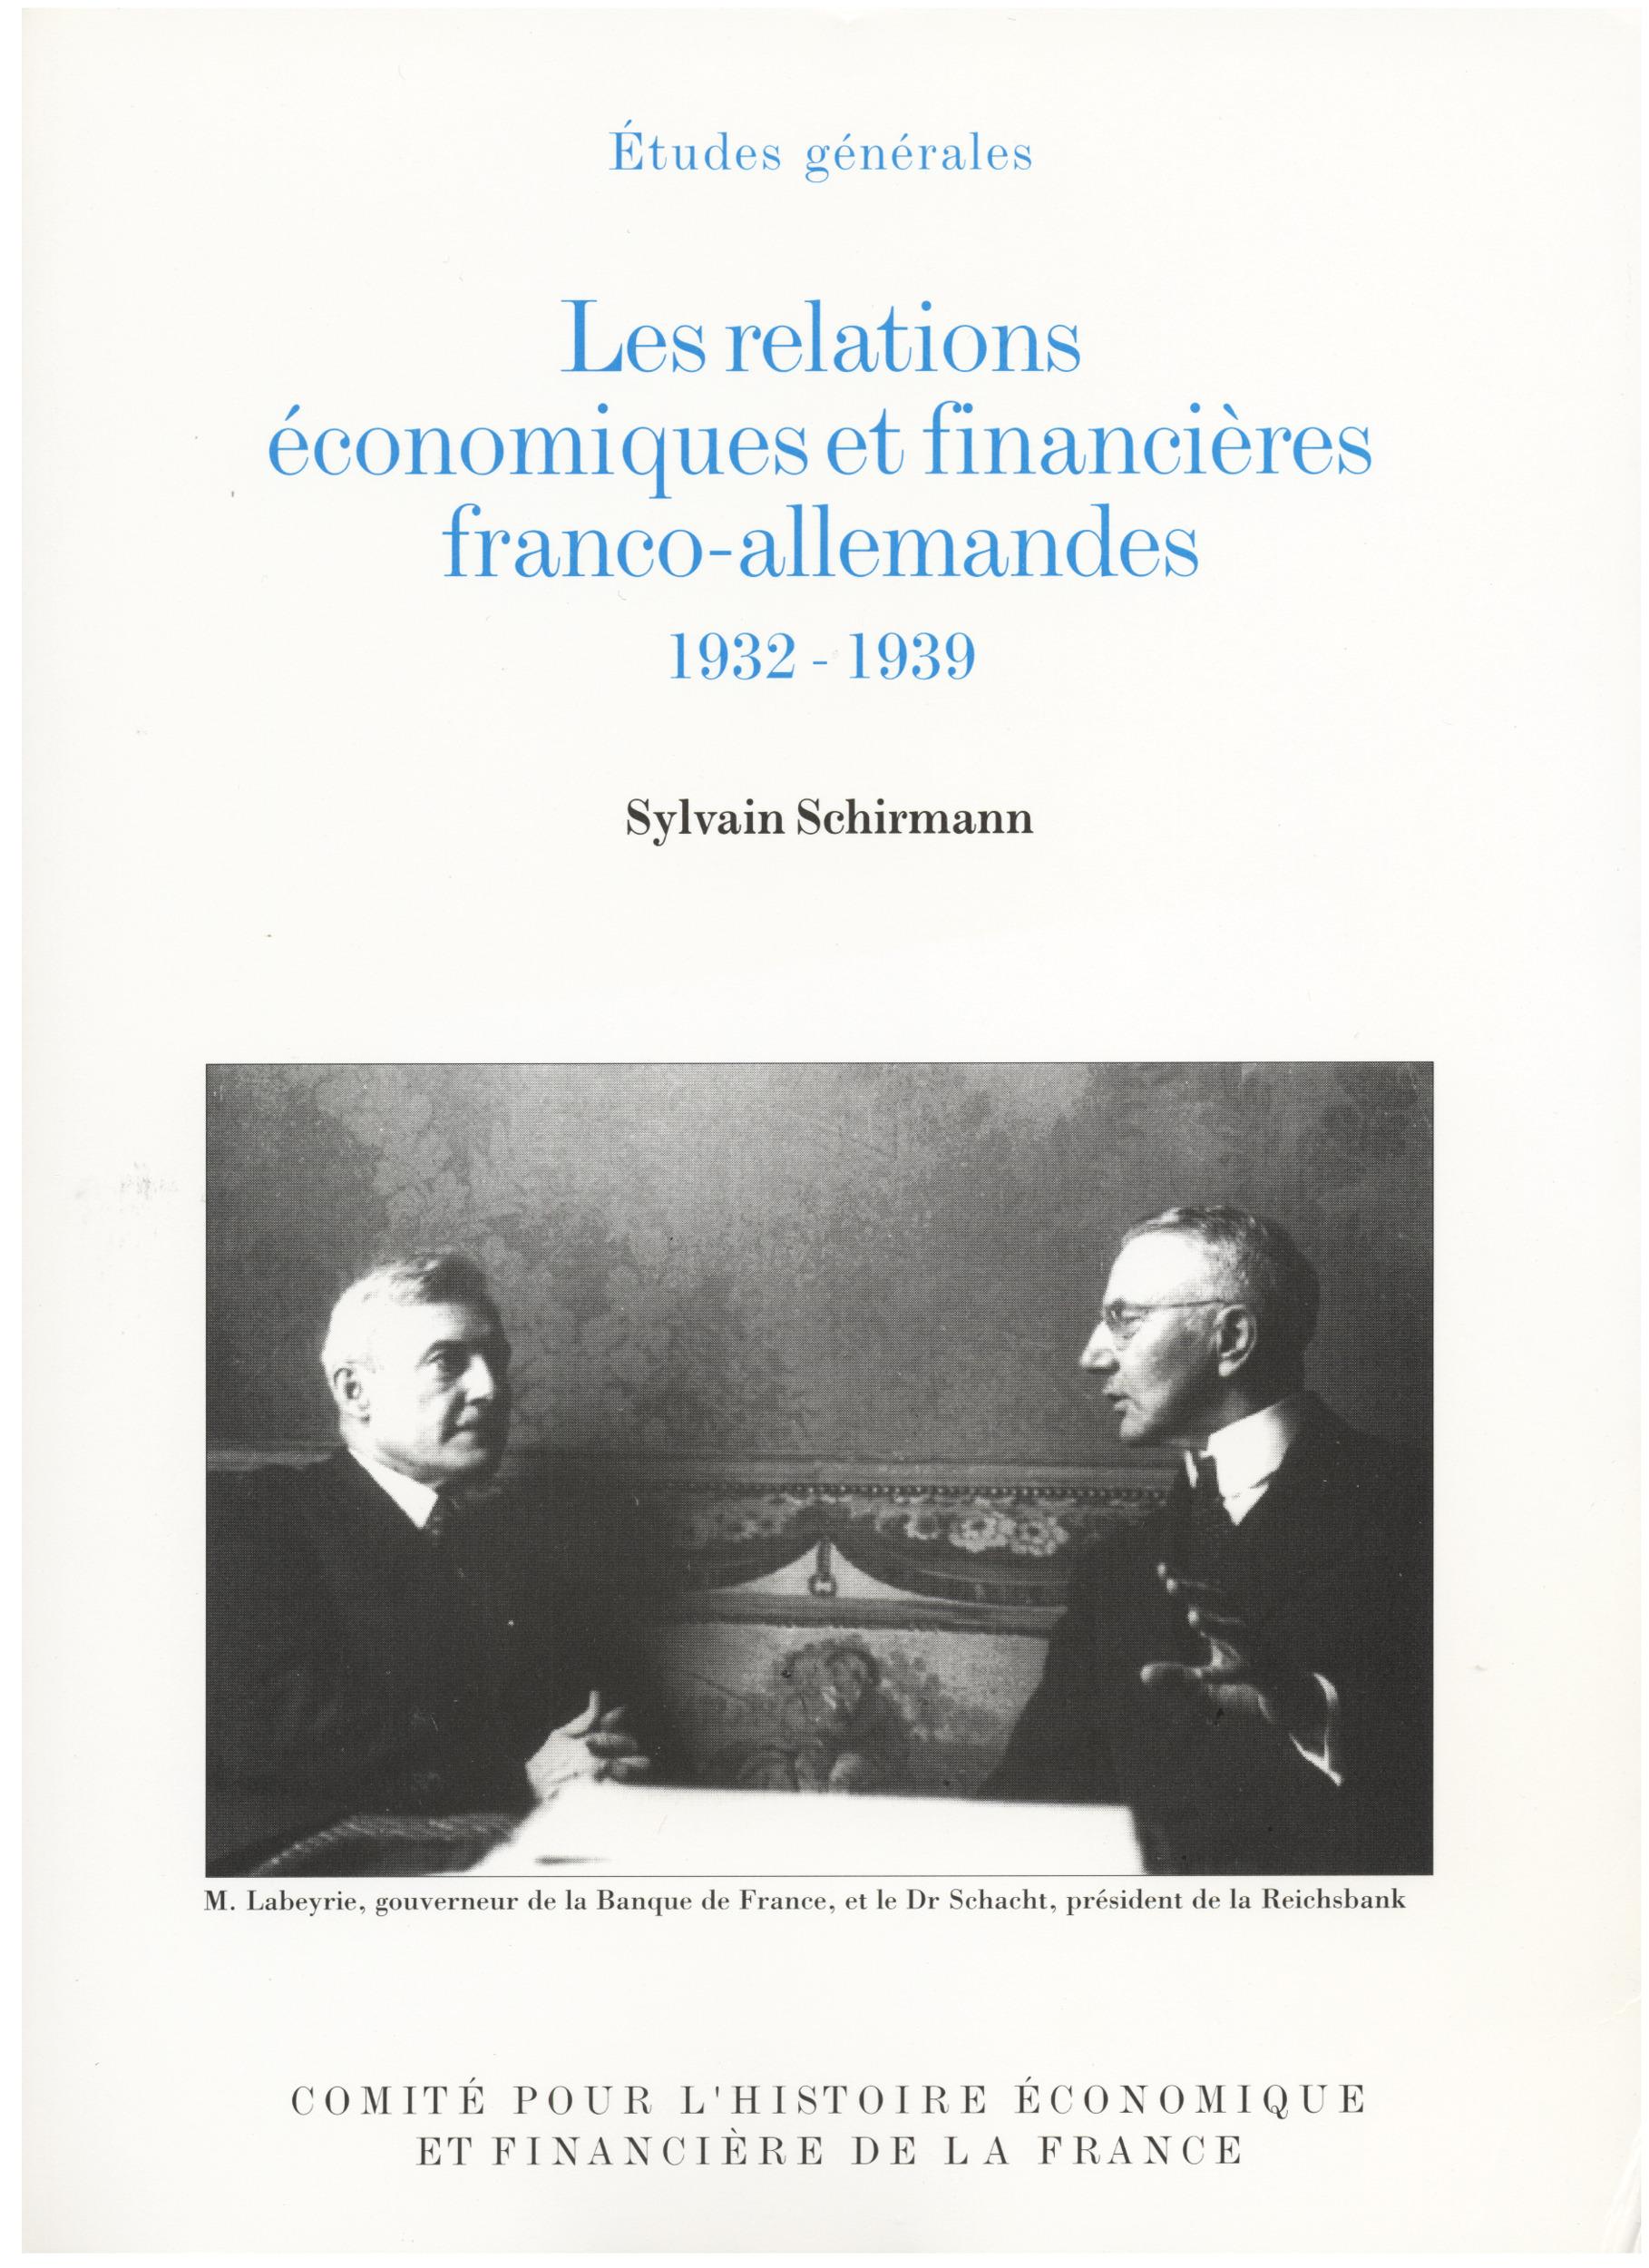 les relations economiques et financieres franco-allemandes, 1932-1939